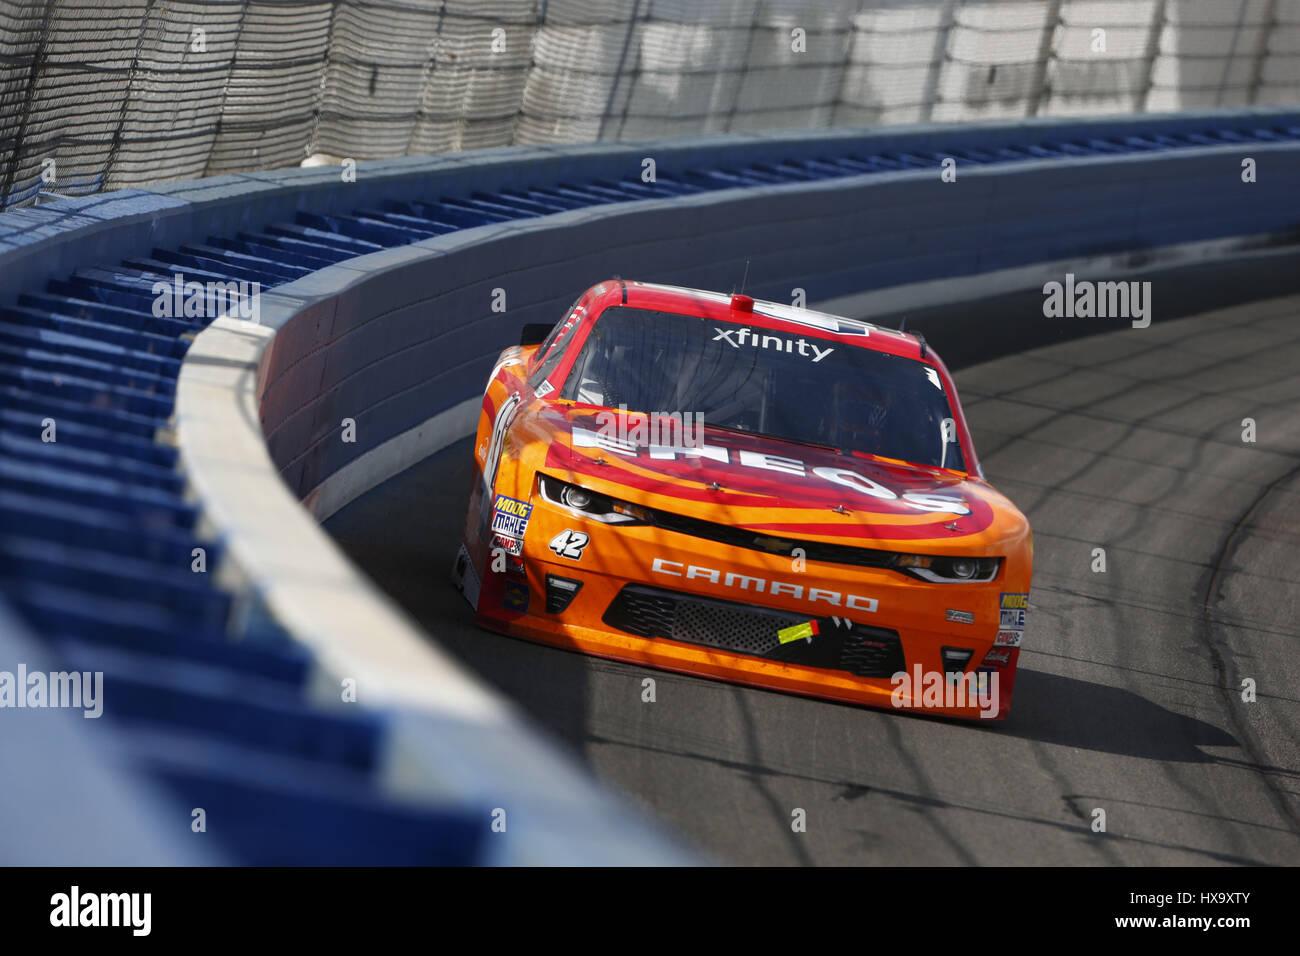 Fontana, Kalifornien, USA. 25. März 2017. 25. März 2017 - Fontana, Kalifornien, USA: Kyle Larson (42) Schlachten für Position während der NASCAR Xfinity Serie NXS 300 auf Auto Club Speedway in Fontana, Kalifornien. Bildnachweis: Justin R. Noe Asp Inc/ASP/ZUMA Draht/Alamy Live-Nachrichten Stockfoto